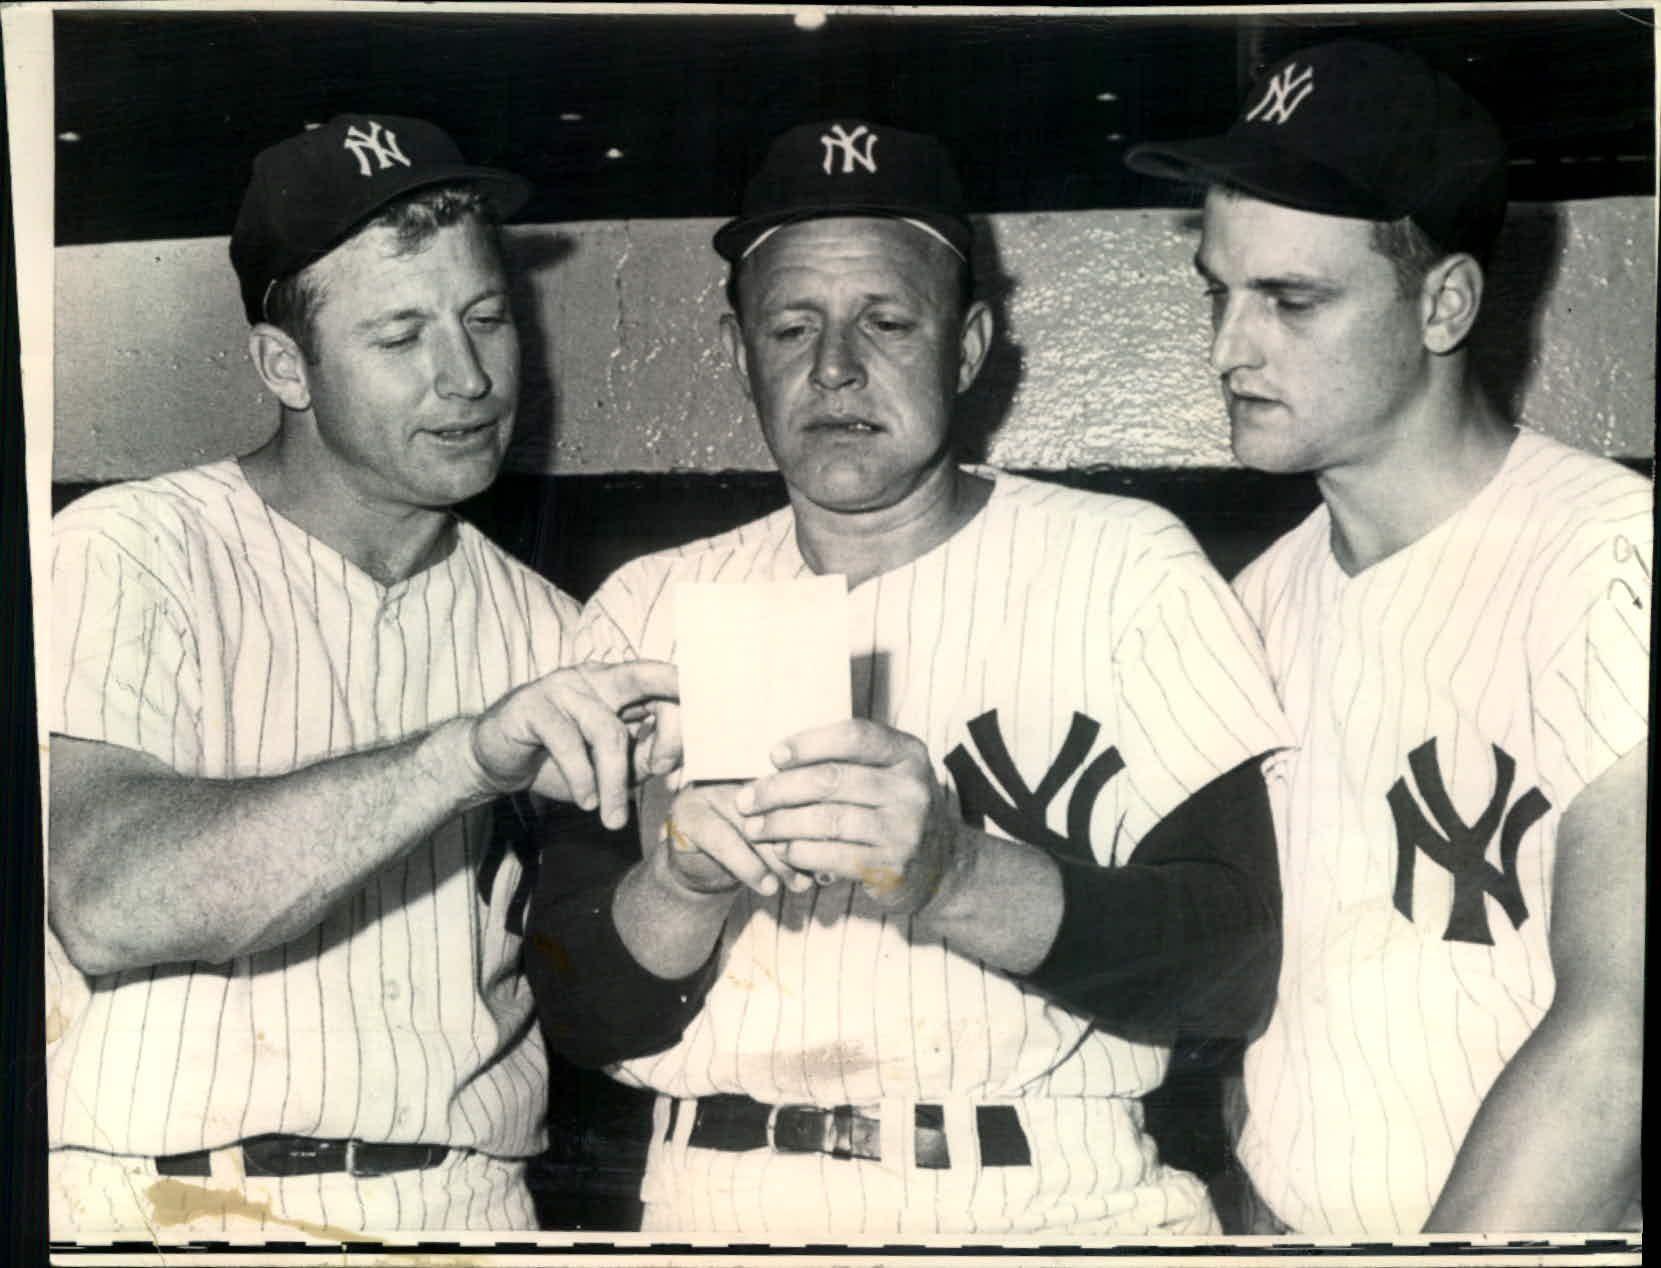 La dinastía de los Yankees: 1958-62 (Segunda Parte)